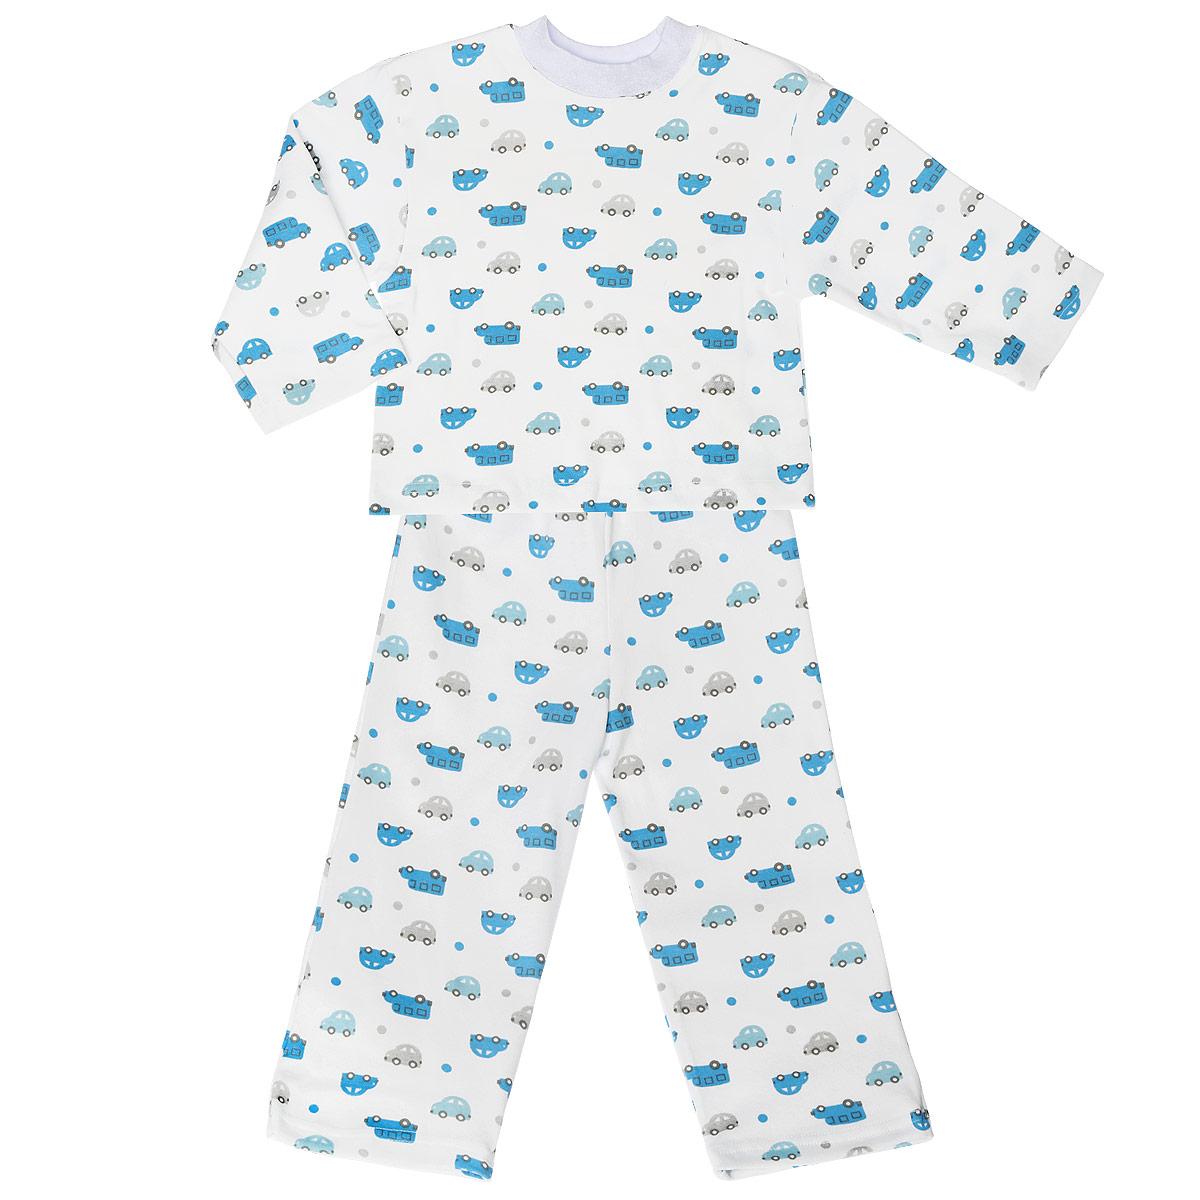 Пижама для мальчика. 5584_машинки5584_машинкиУютная пижама для мальчика Трон-плюс, состоящая из джемпера и брюк, идеально подойдет вашему ребенку и станет отличным дополнением к детскому гардеробу. Изготовленная из натурального хлопка, она необычайно мягкая и легкая, не сковывает движения, позволяет коже дышать и не раздражает даже самую нежную и чувствительную кожу ребенка. Джемпер с длинными рукавами и круглым вырезом горловины оформлен ненавязчивым принтом с изображением машинок. Вырез горловины дополнен трикотажной эластичной резинкой. Брюки на талии имеют эластичную резинку, благодаря чему не сдавливают живот ребенка и не сползают. Оформлены брючки также ненавязчивым принтом с изображением машинок. В такой пижаме ваш ребенок будет чувствовать себя комфортно и уютно во время сна.